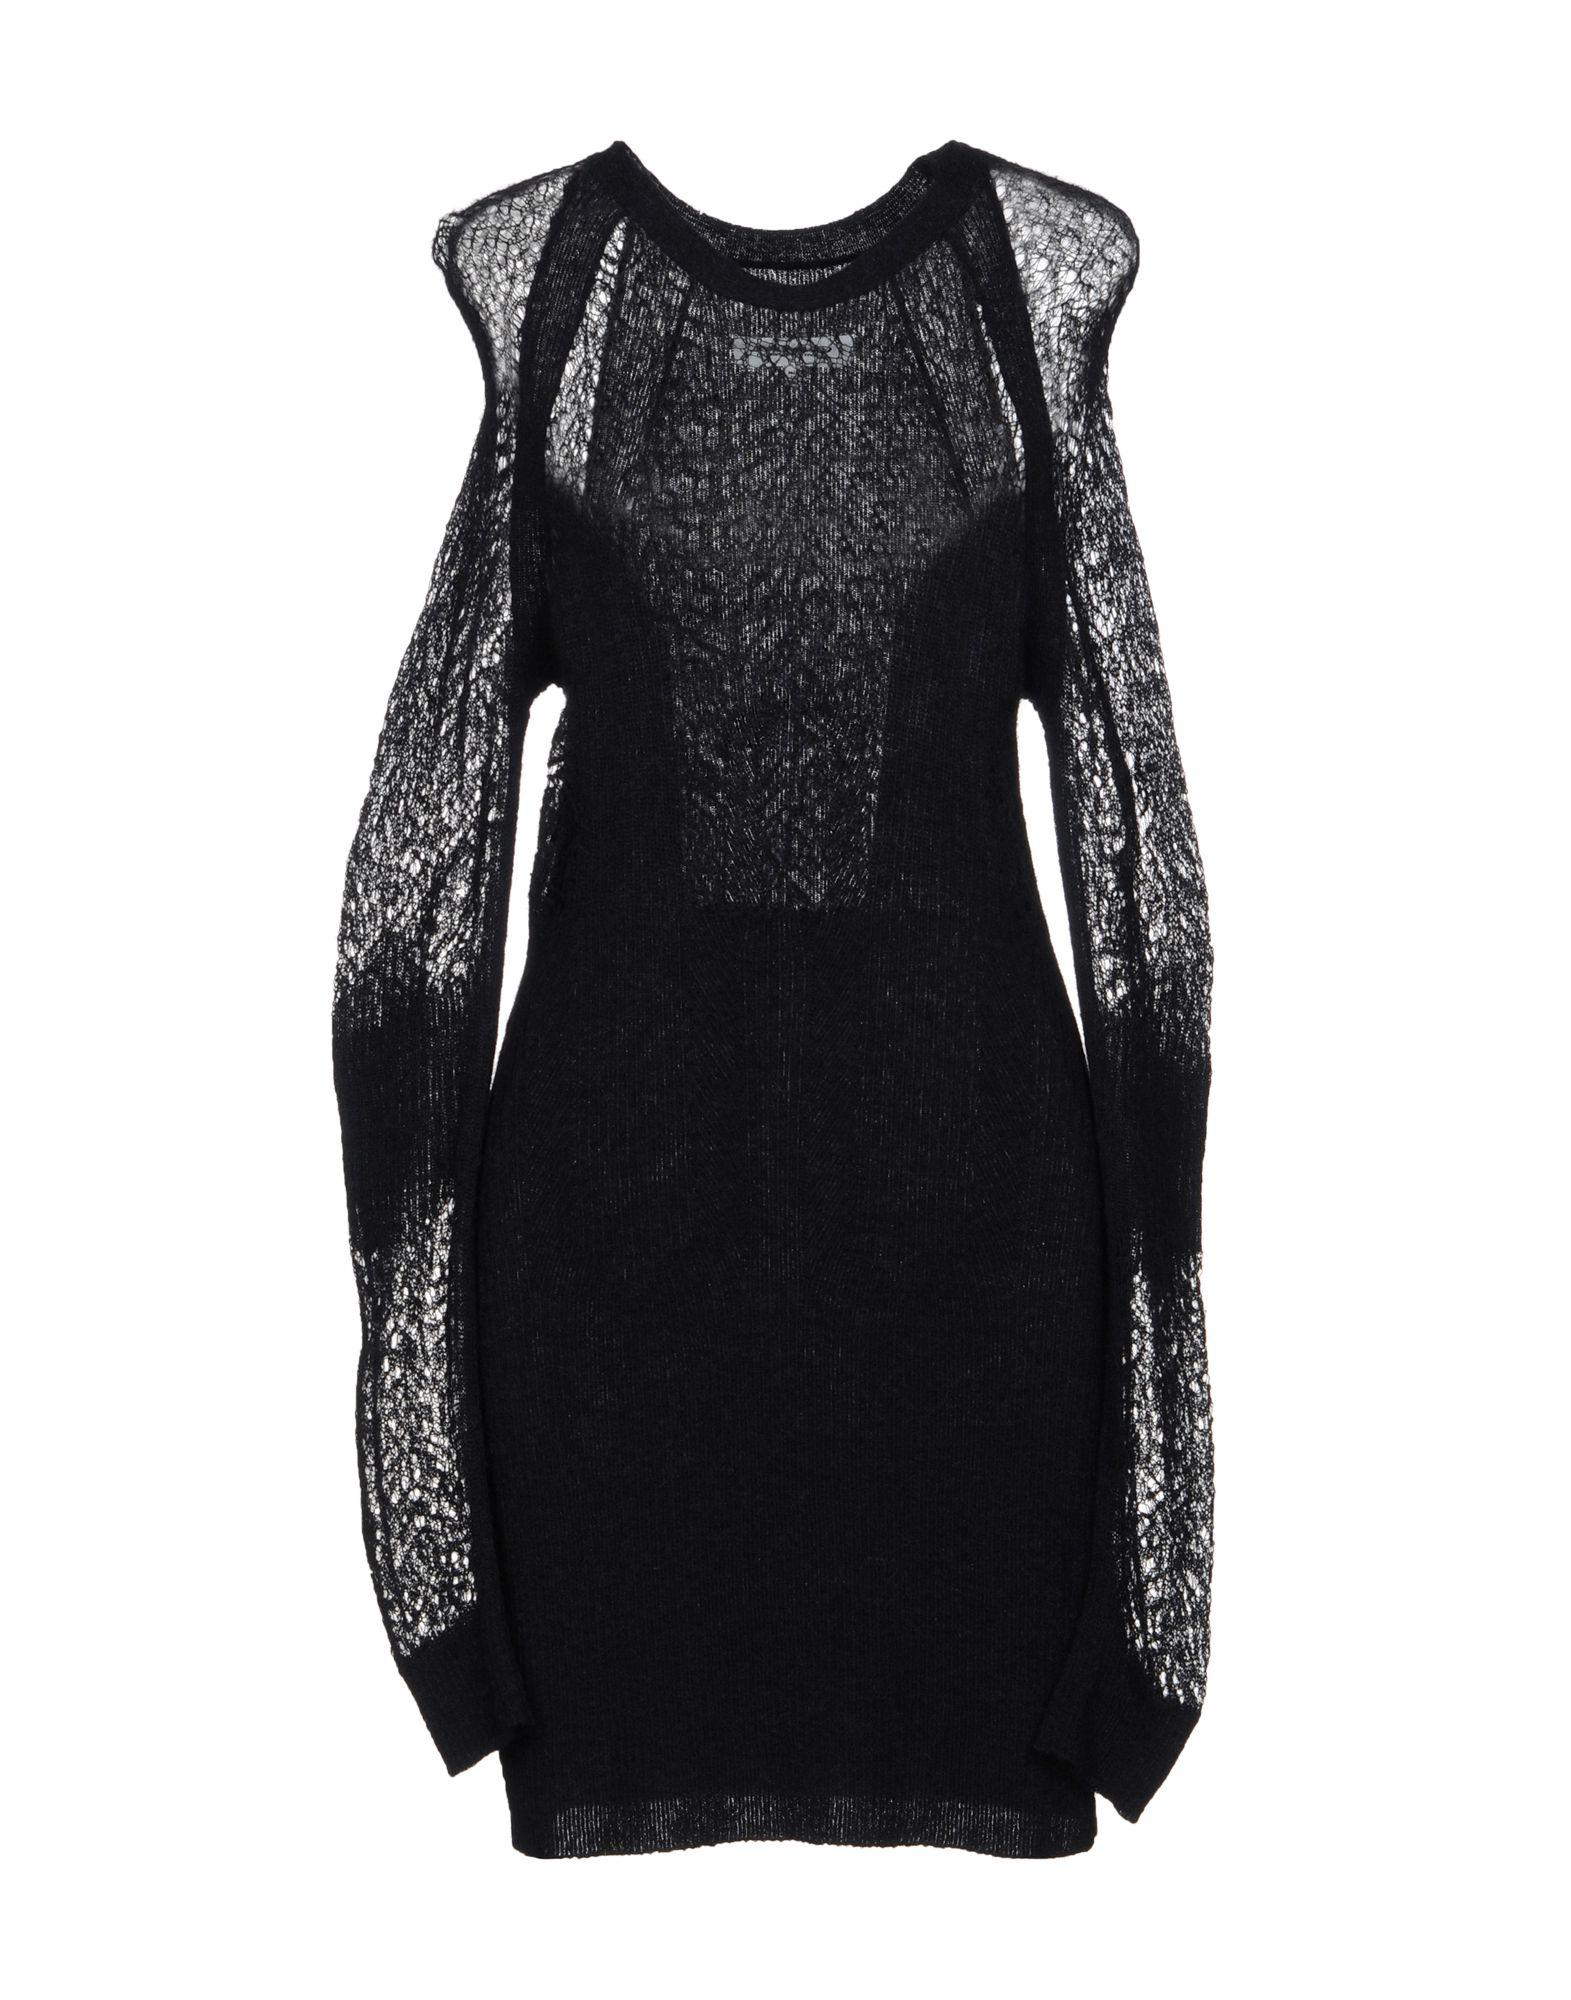 Vestito Corto Mm6 Maison Margiela Donna - Acquista online su iQCsf9g